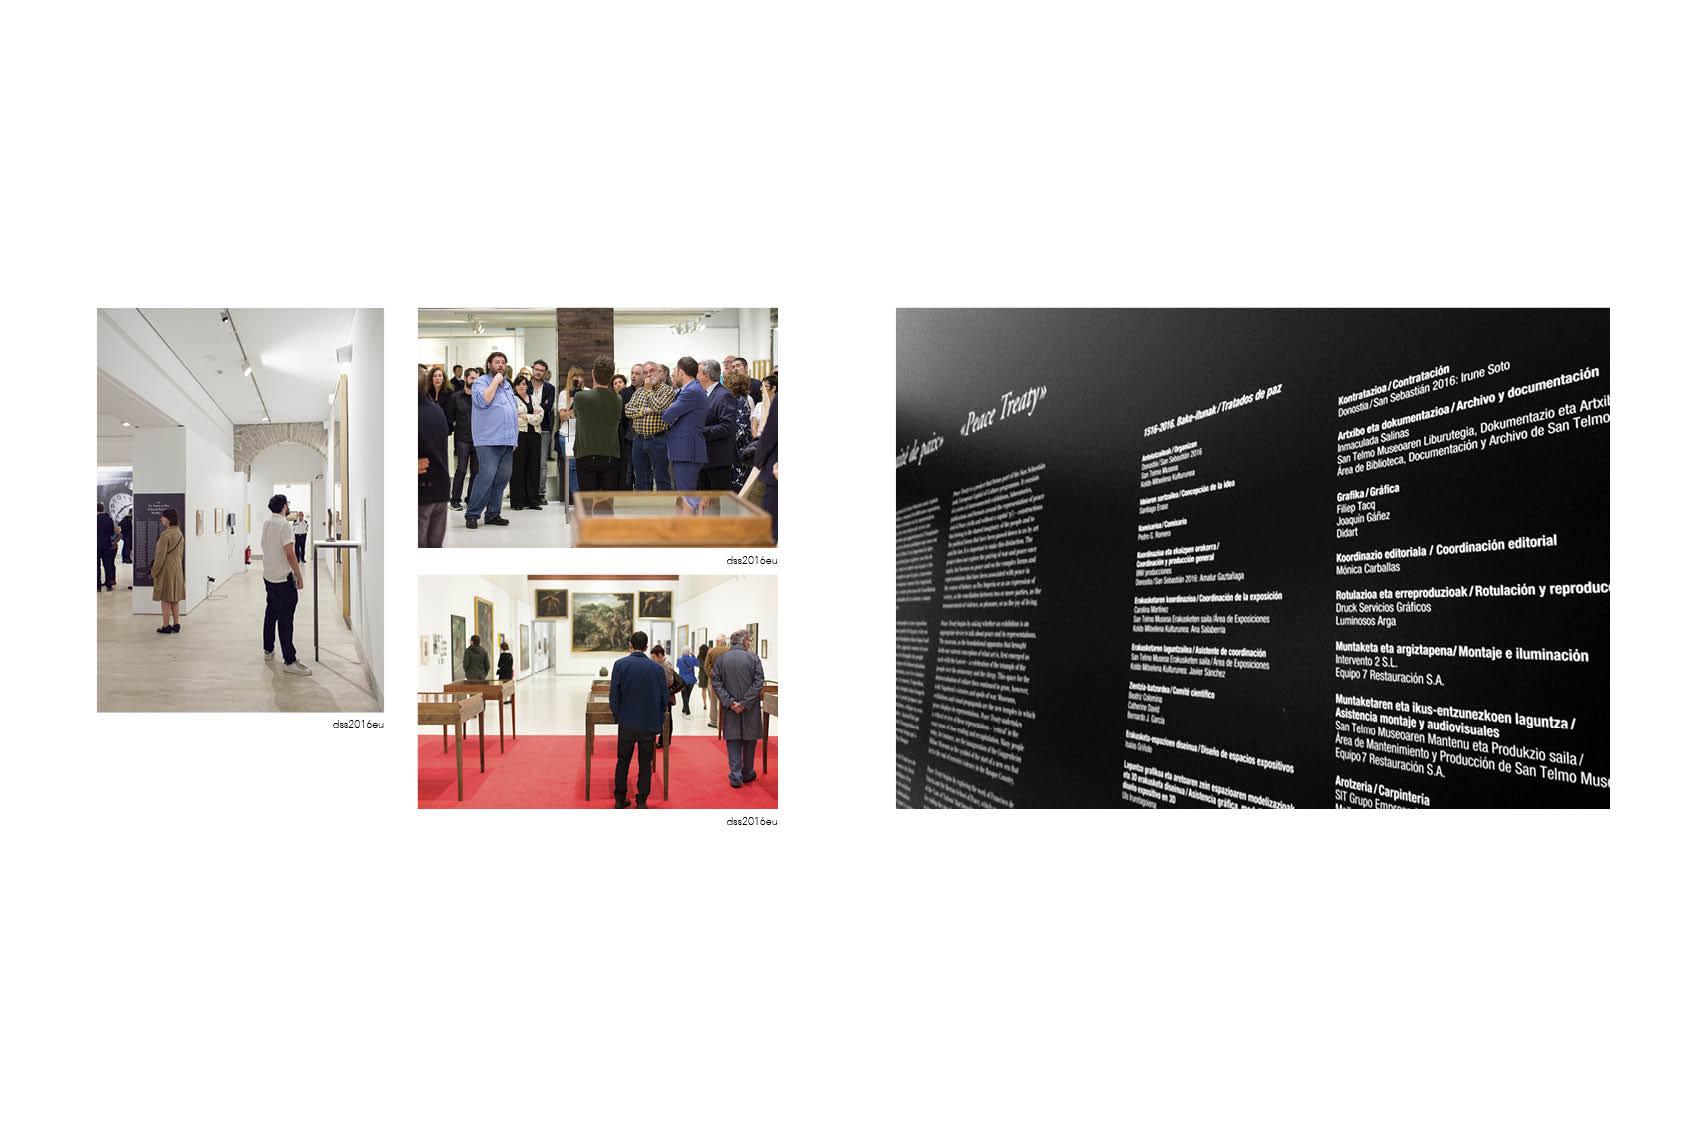 Donostia 2016- ek antlatutako Bake Ituna - Tratado de Paz erakusketa5